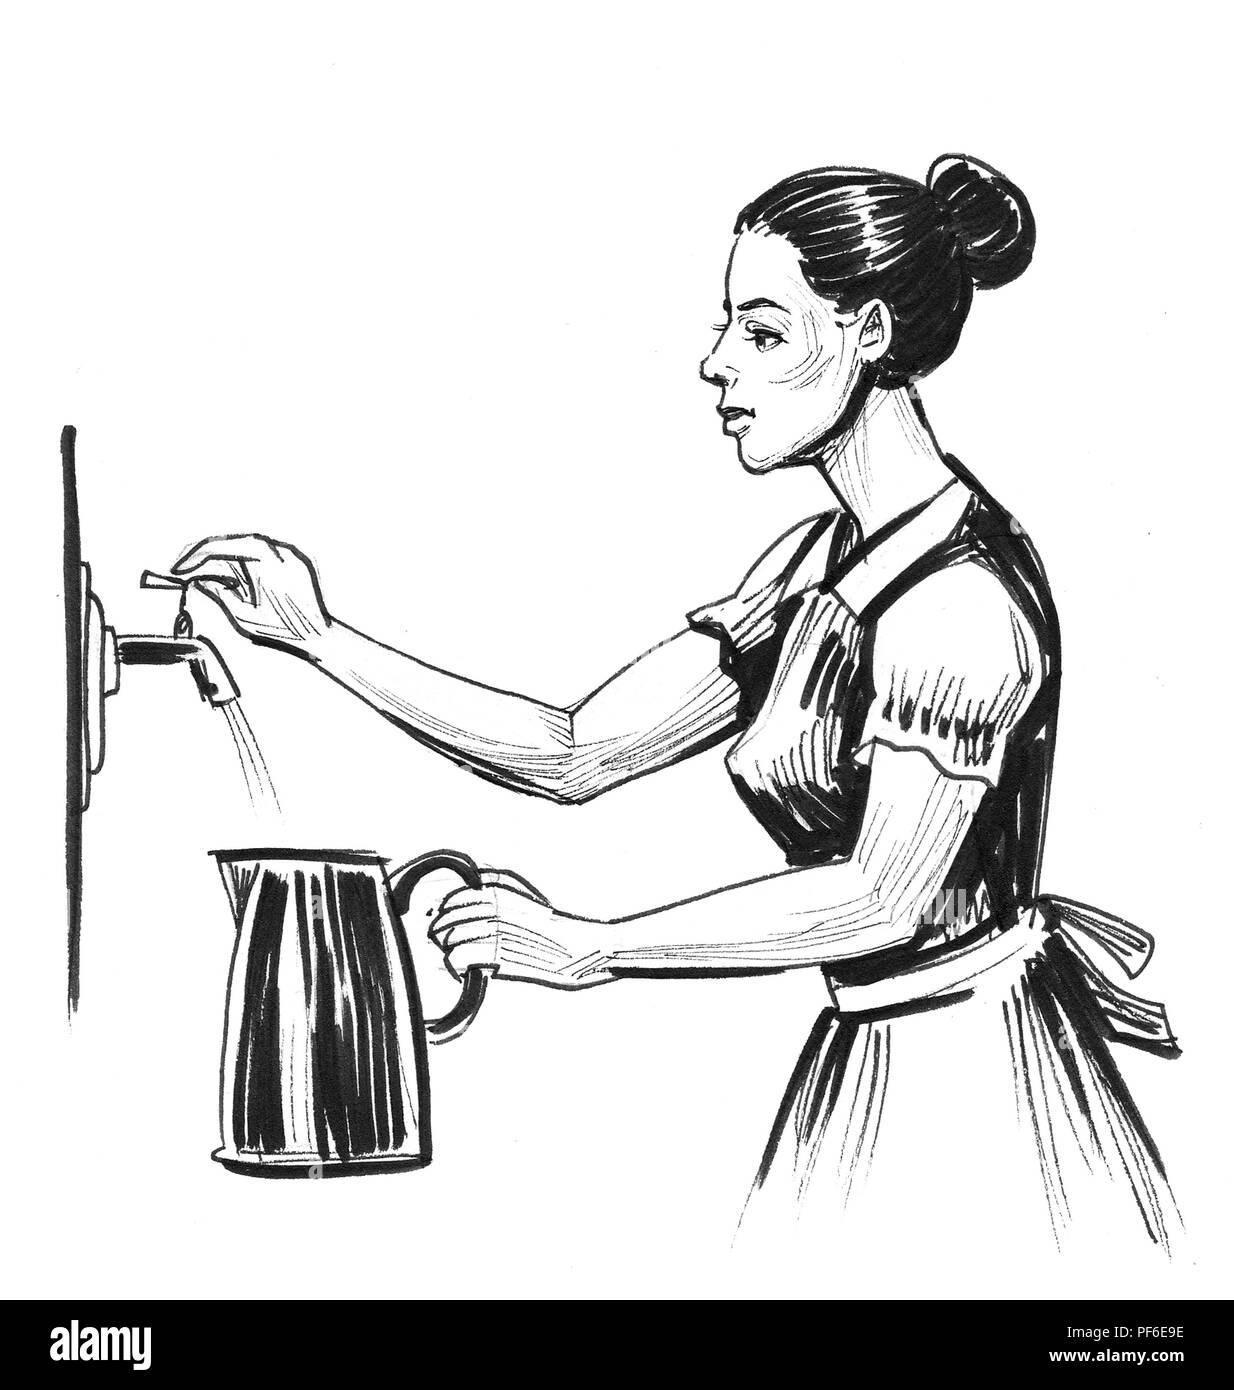 Femme Rempli La Bouilloire Avec De Leau Dessin Noir Et